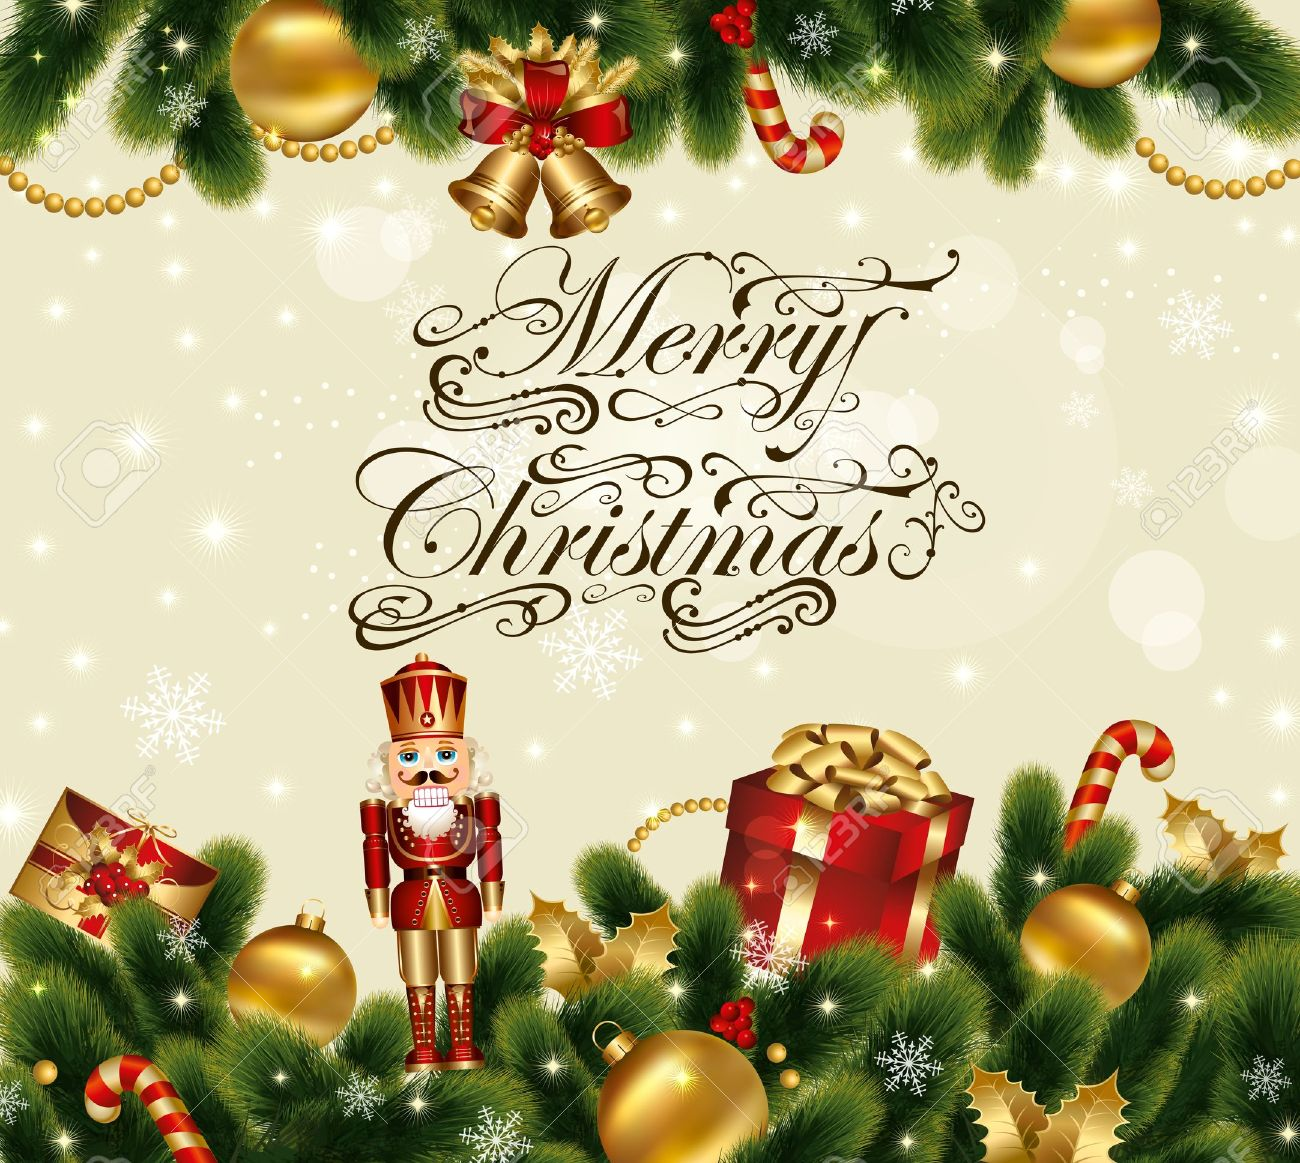 cascanueces tarjeta de navidad vector de fiesta con fondo ornamental decorada con abetos y regalos